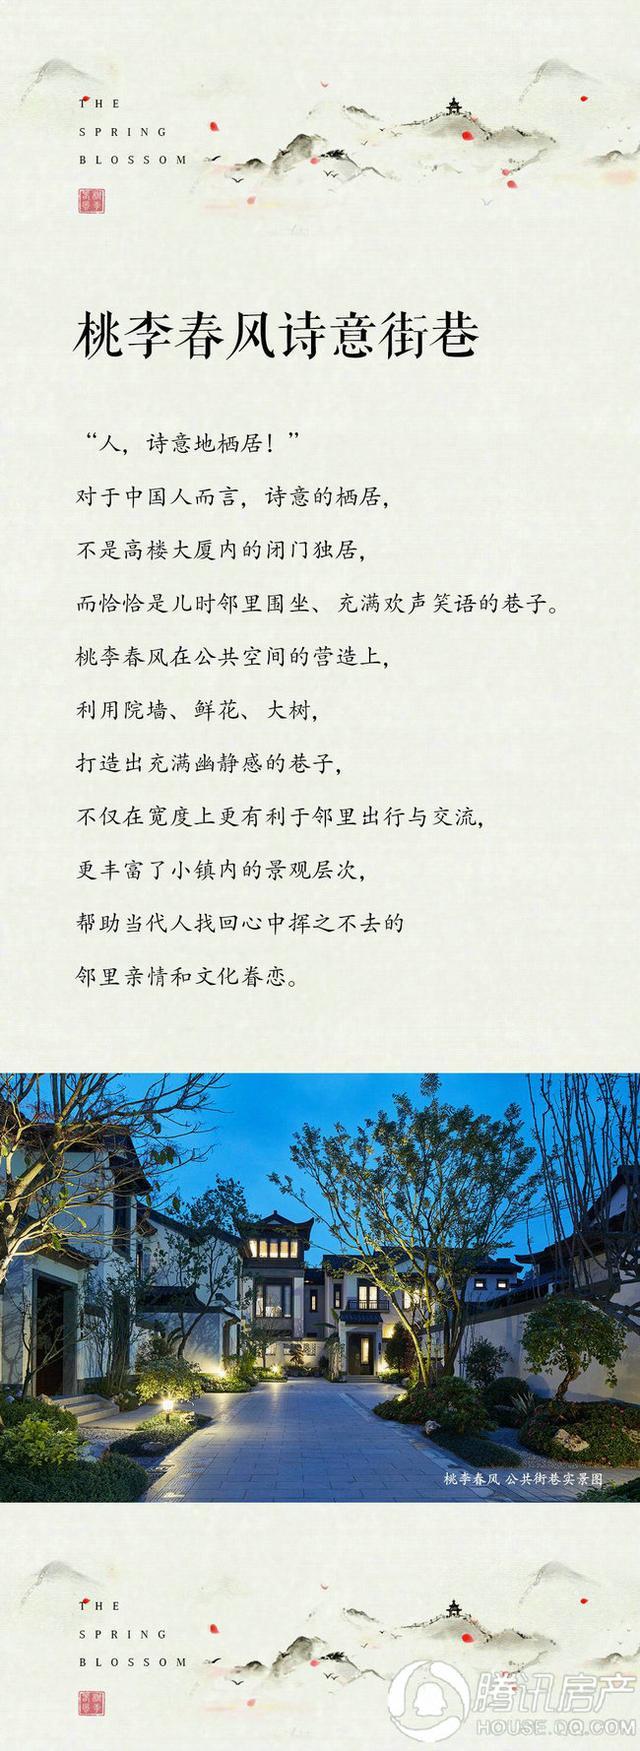 桃李春风:风雅颂   用文化浸润的街巷生活